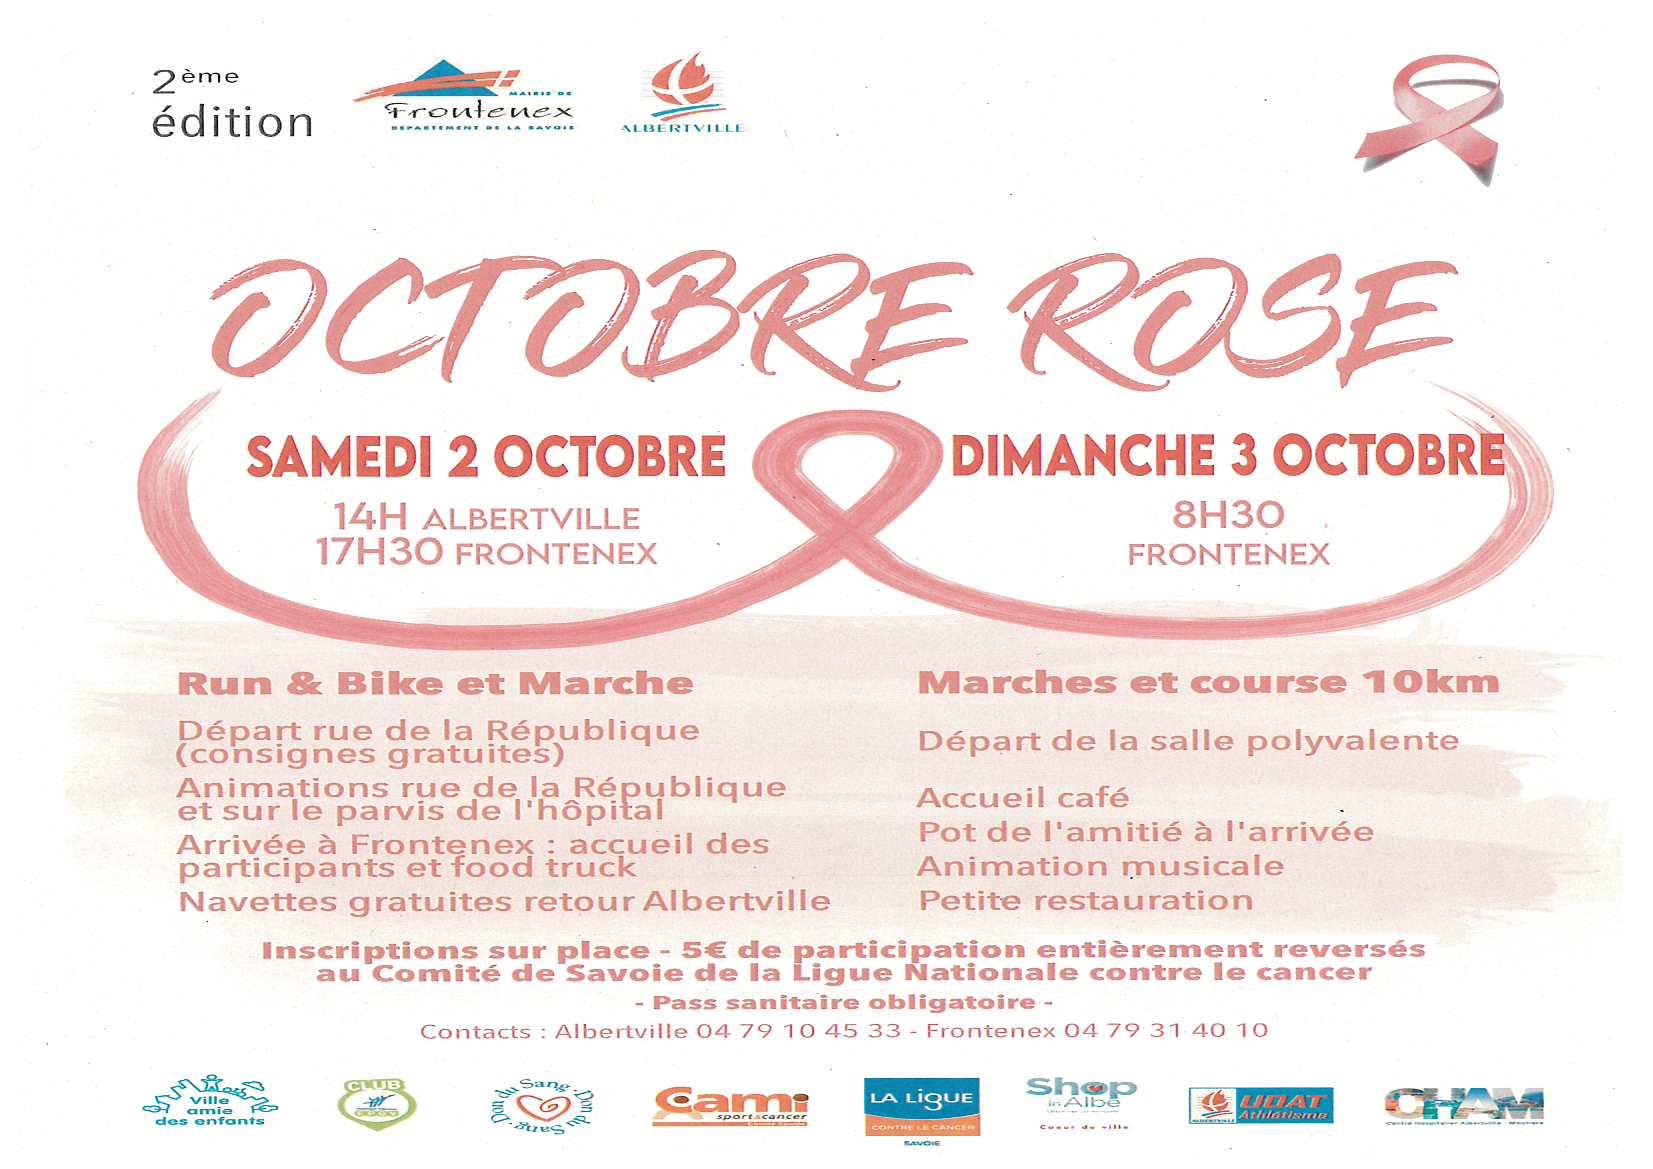 OCTOBRE ROSE P1.jpg